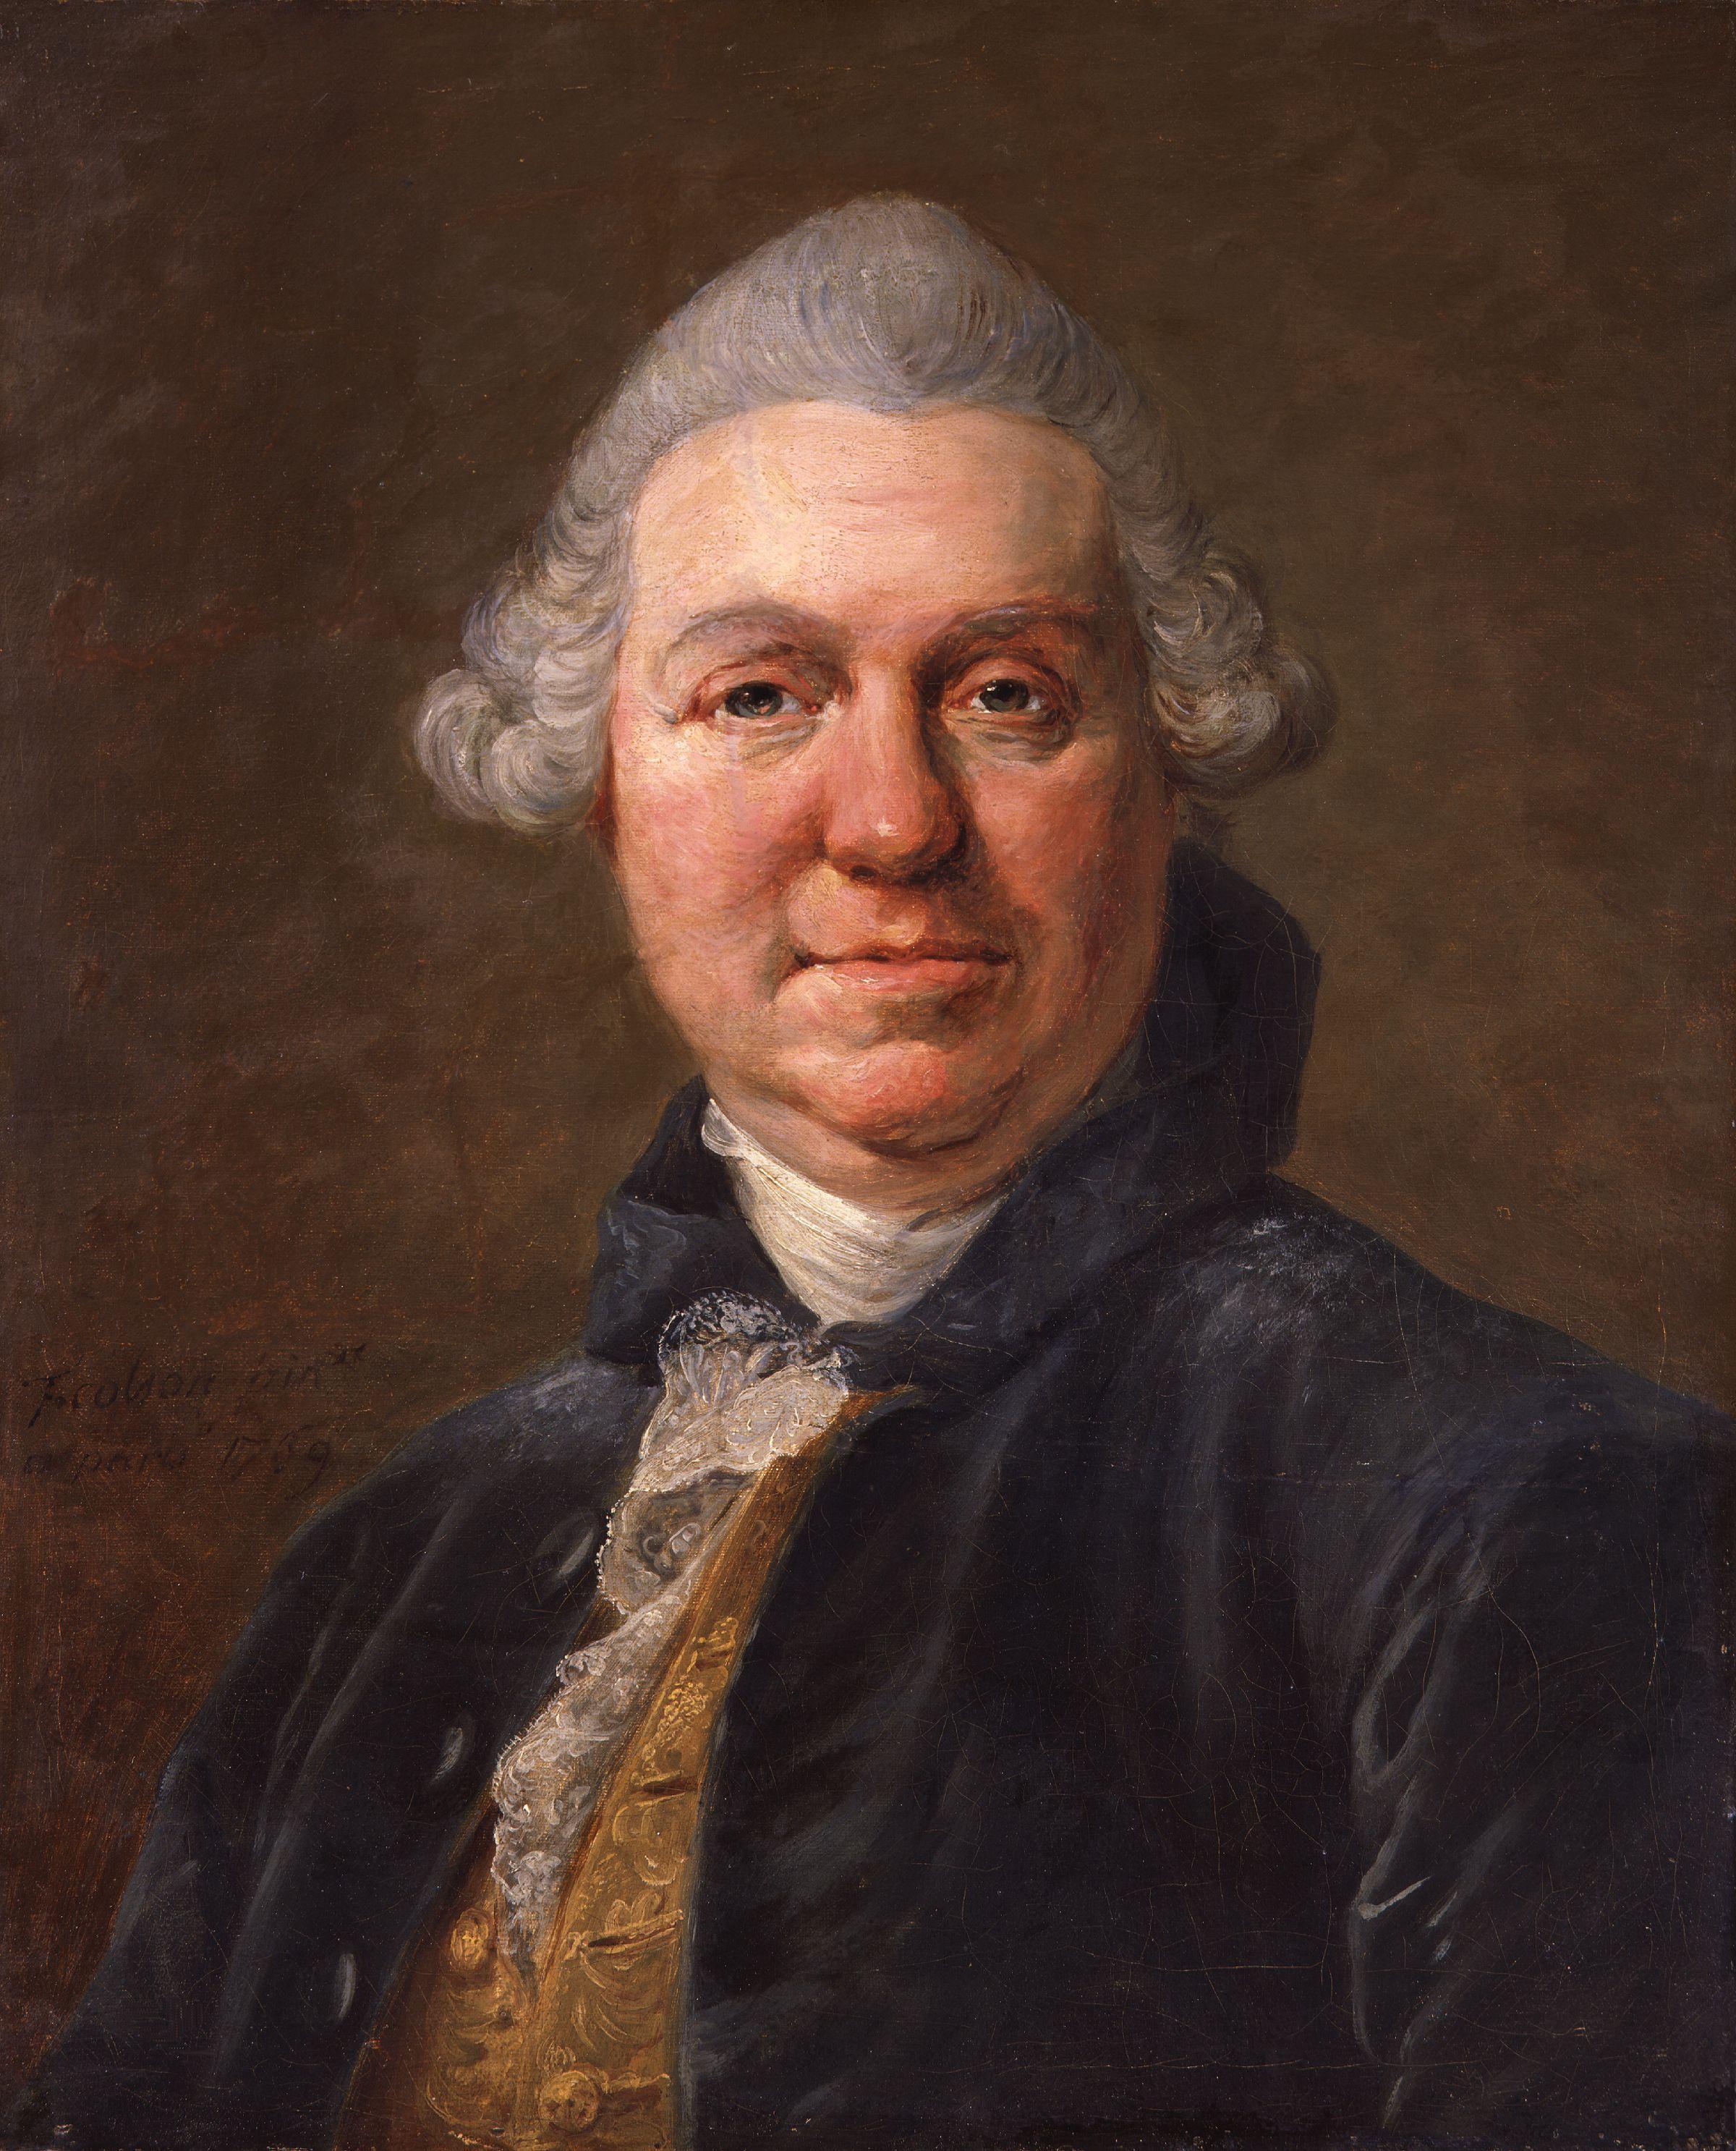 Samuel Foote, portrait by [[Jean-François Gilles Colson